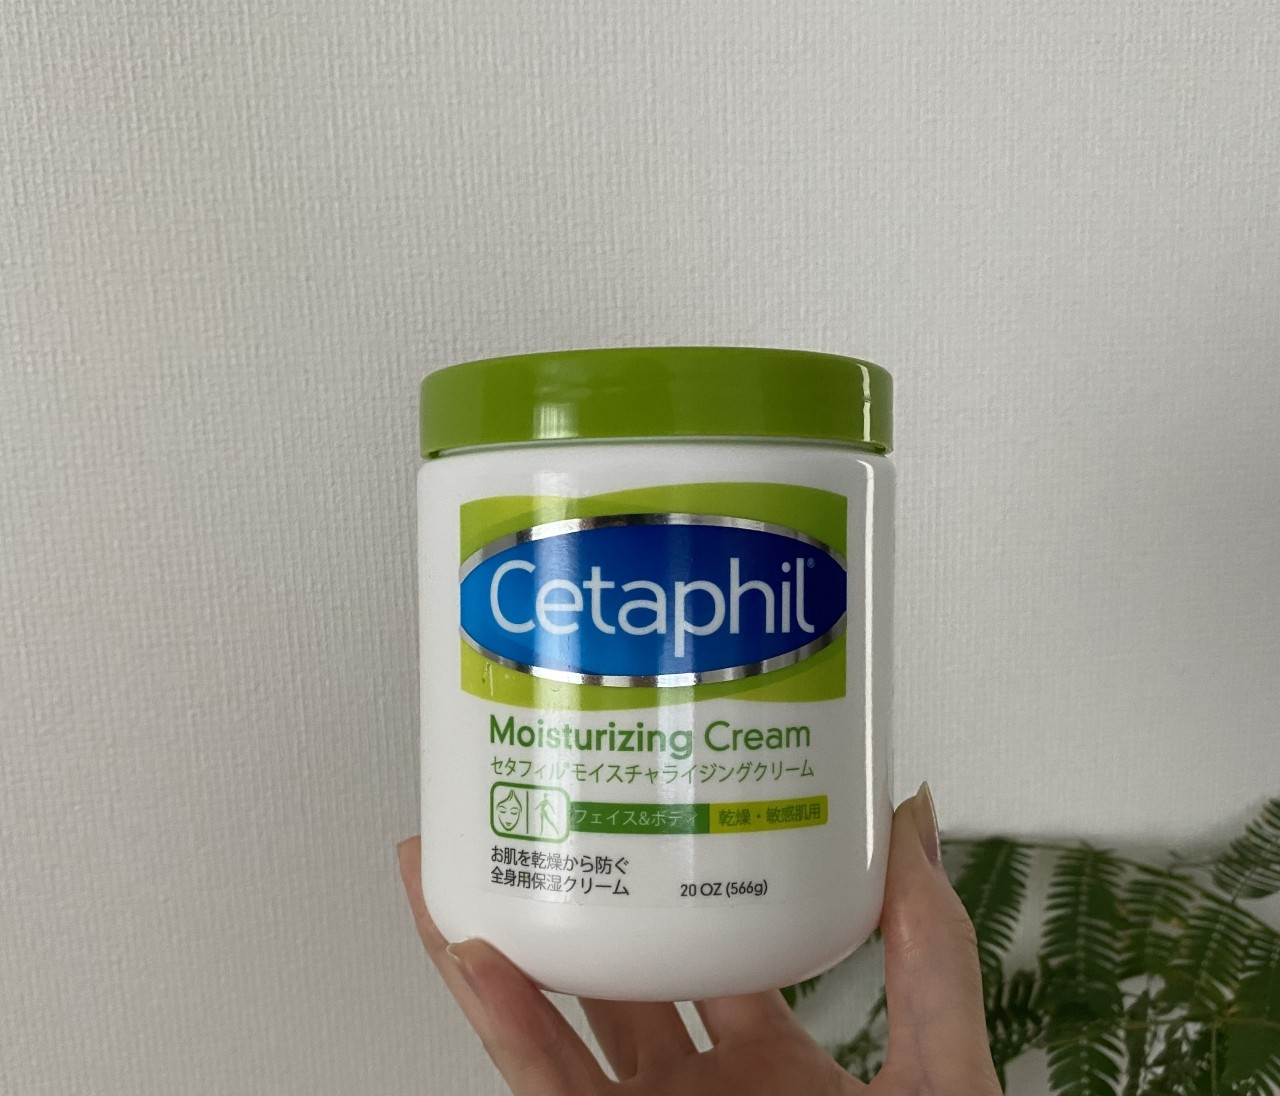 【皮膚科医監修】敏感アトピー肌OKの保湿クリーム「cetaphil」がすごい!